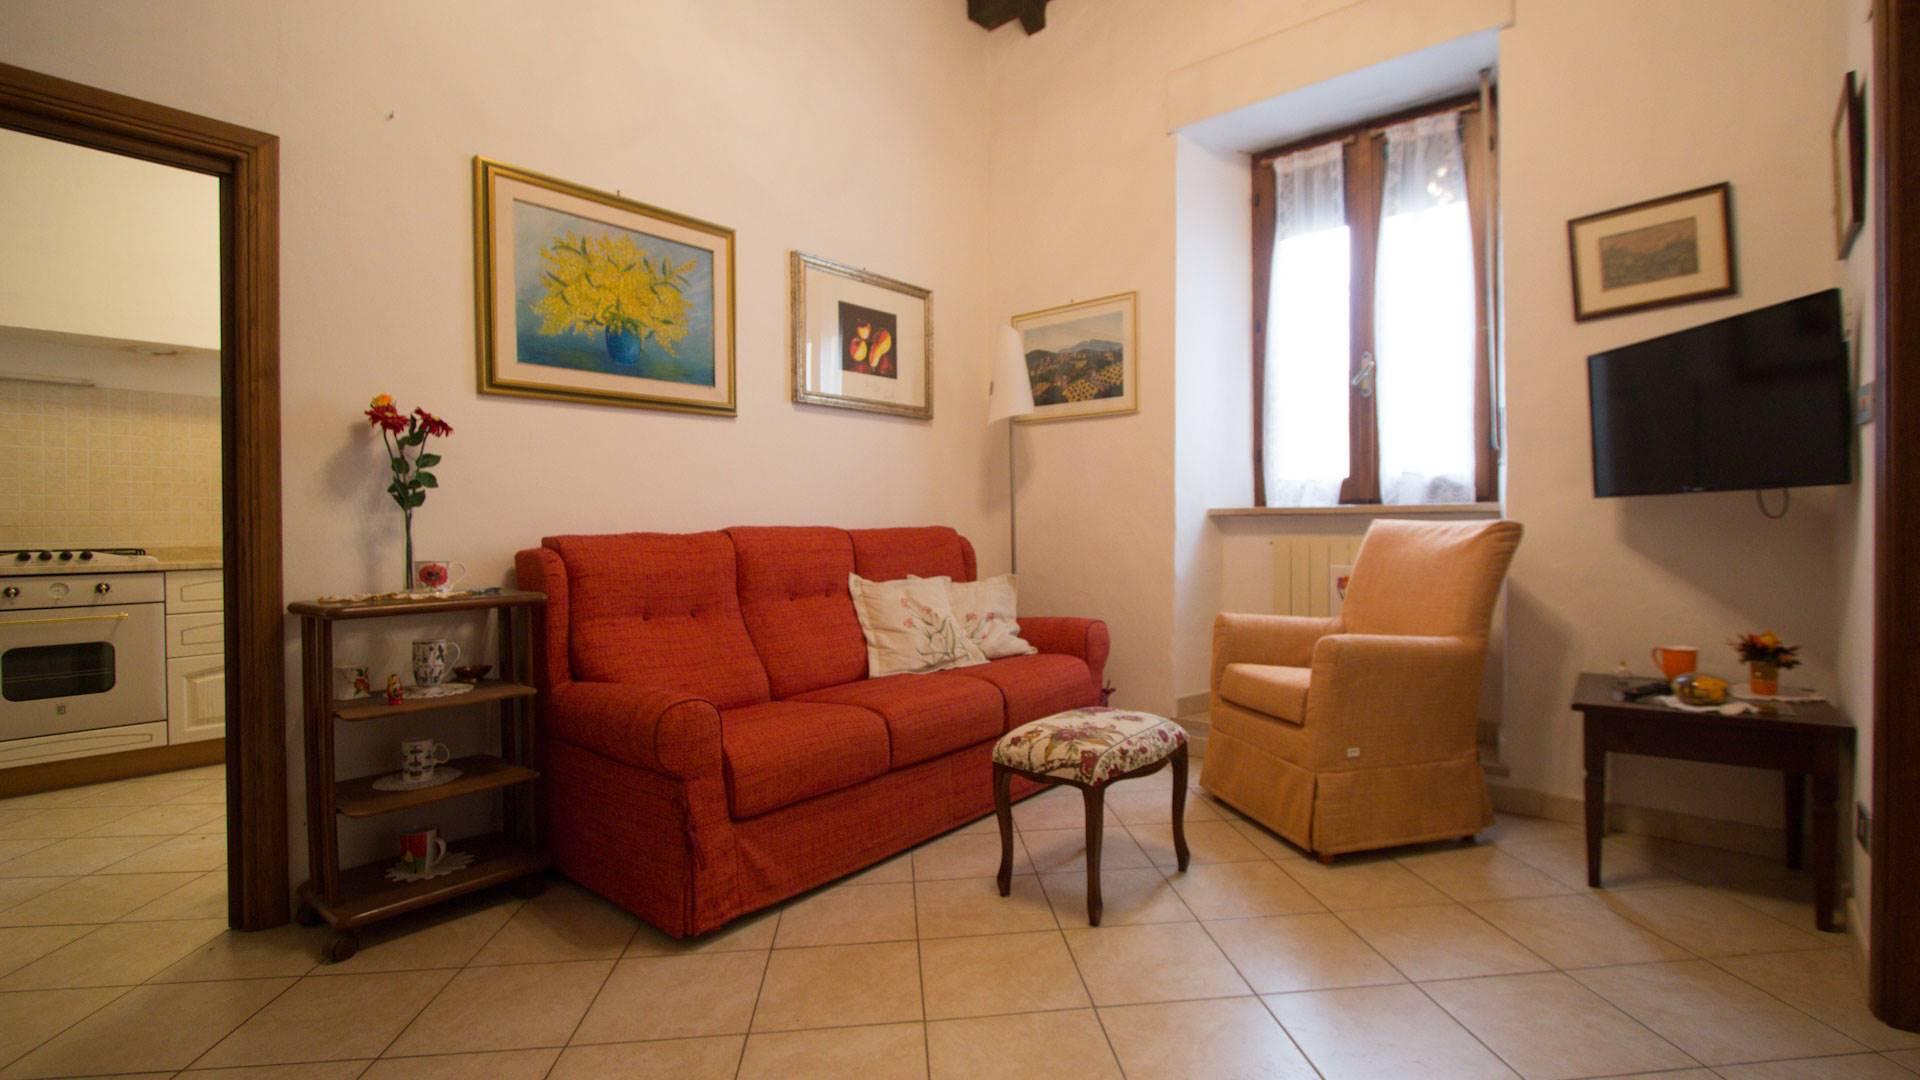 Appartamento nel centro di Montalcino in piccolo condominio composto da sole due unità immobiliari, si sviluppa al piano terra rialzato e si compone di ingresso, soggiorno, tinello, cucinotto con